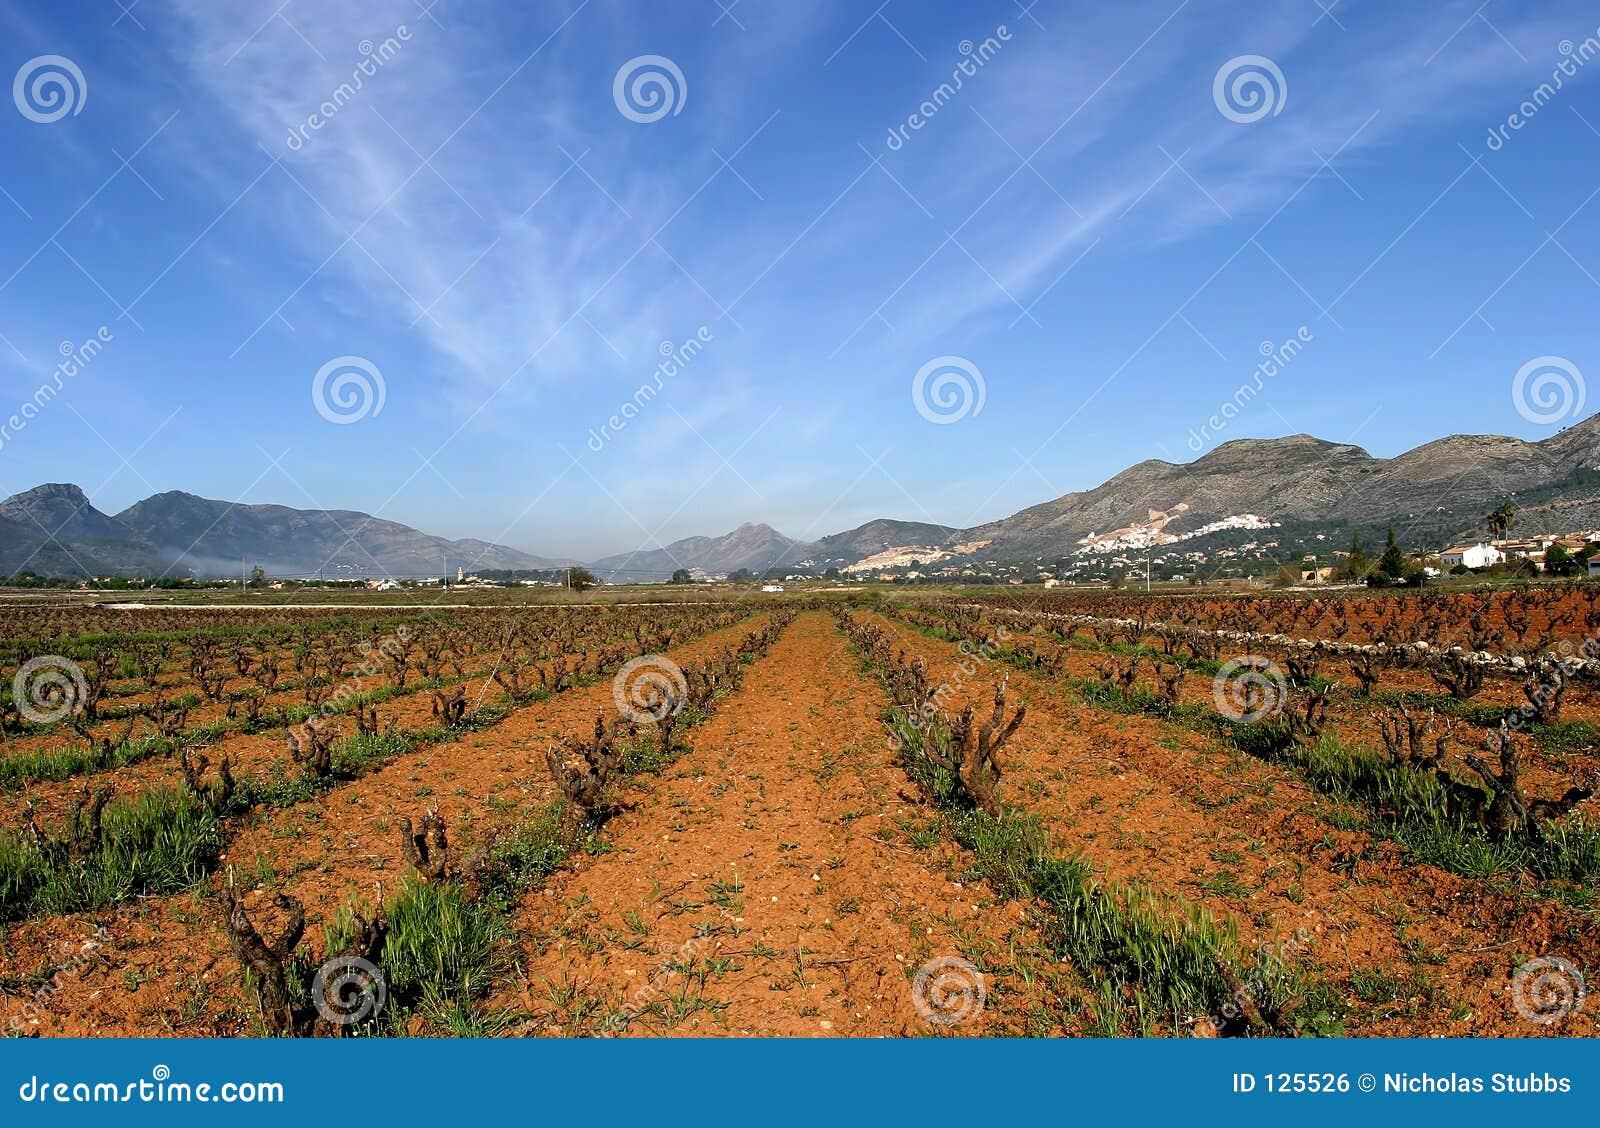 Vigne della Spagna nella stagione in anticipo. Viti tagliate alla memoria. Cieli blu pieni di sole e righe convergenti